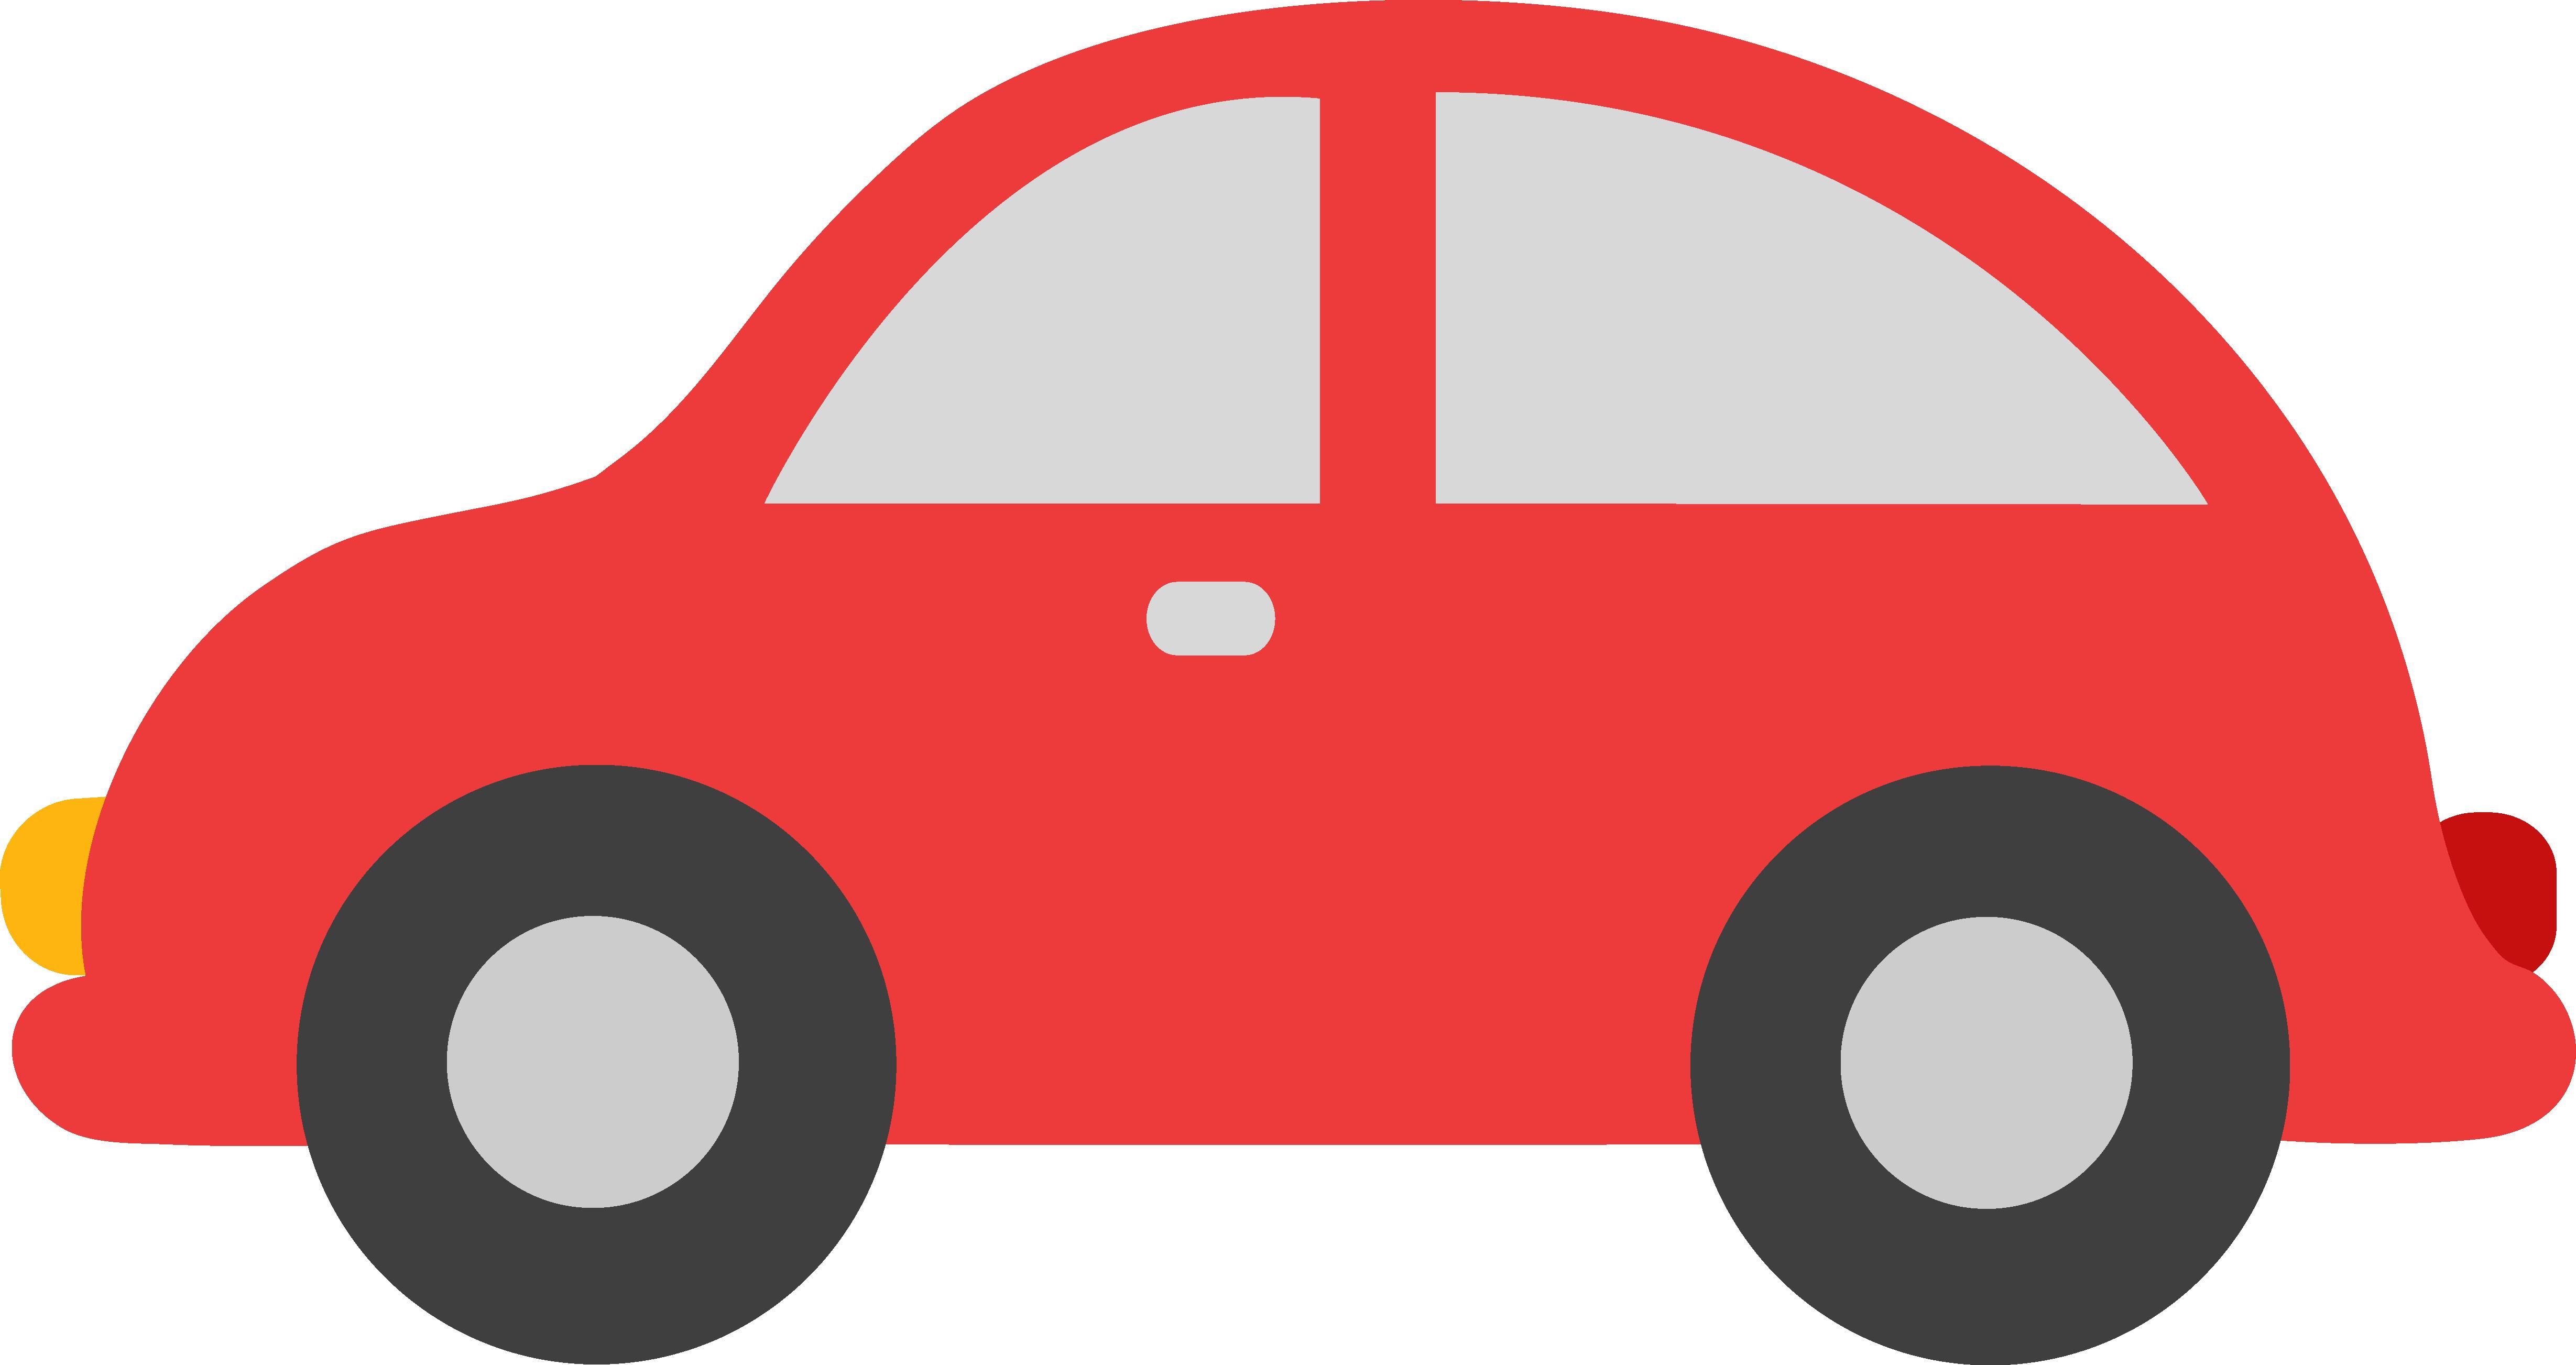 Cute Red Toy Car Clip Art-Cute Red Toy Car Clip Art-11